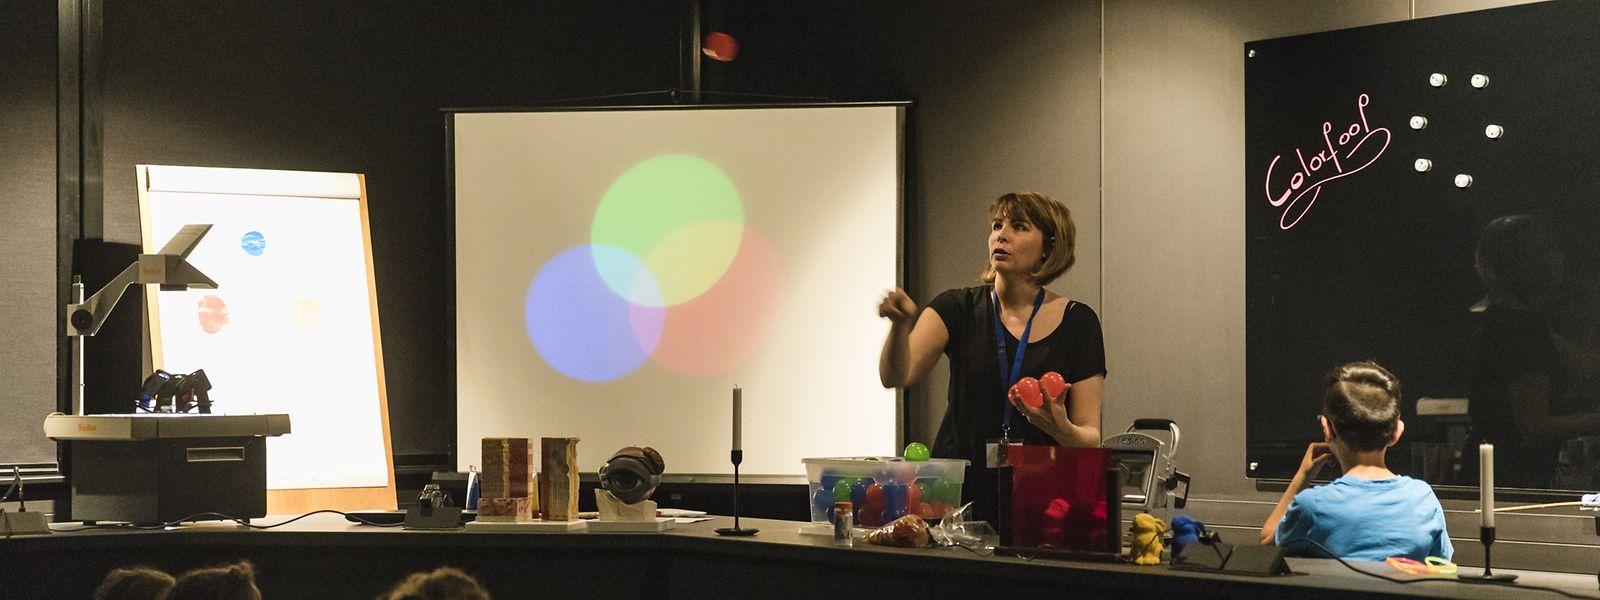 Im Differdinger Science Center werden die Gehmnisse des Lichts auf anschauliche Art und Weise erklärt.